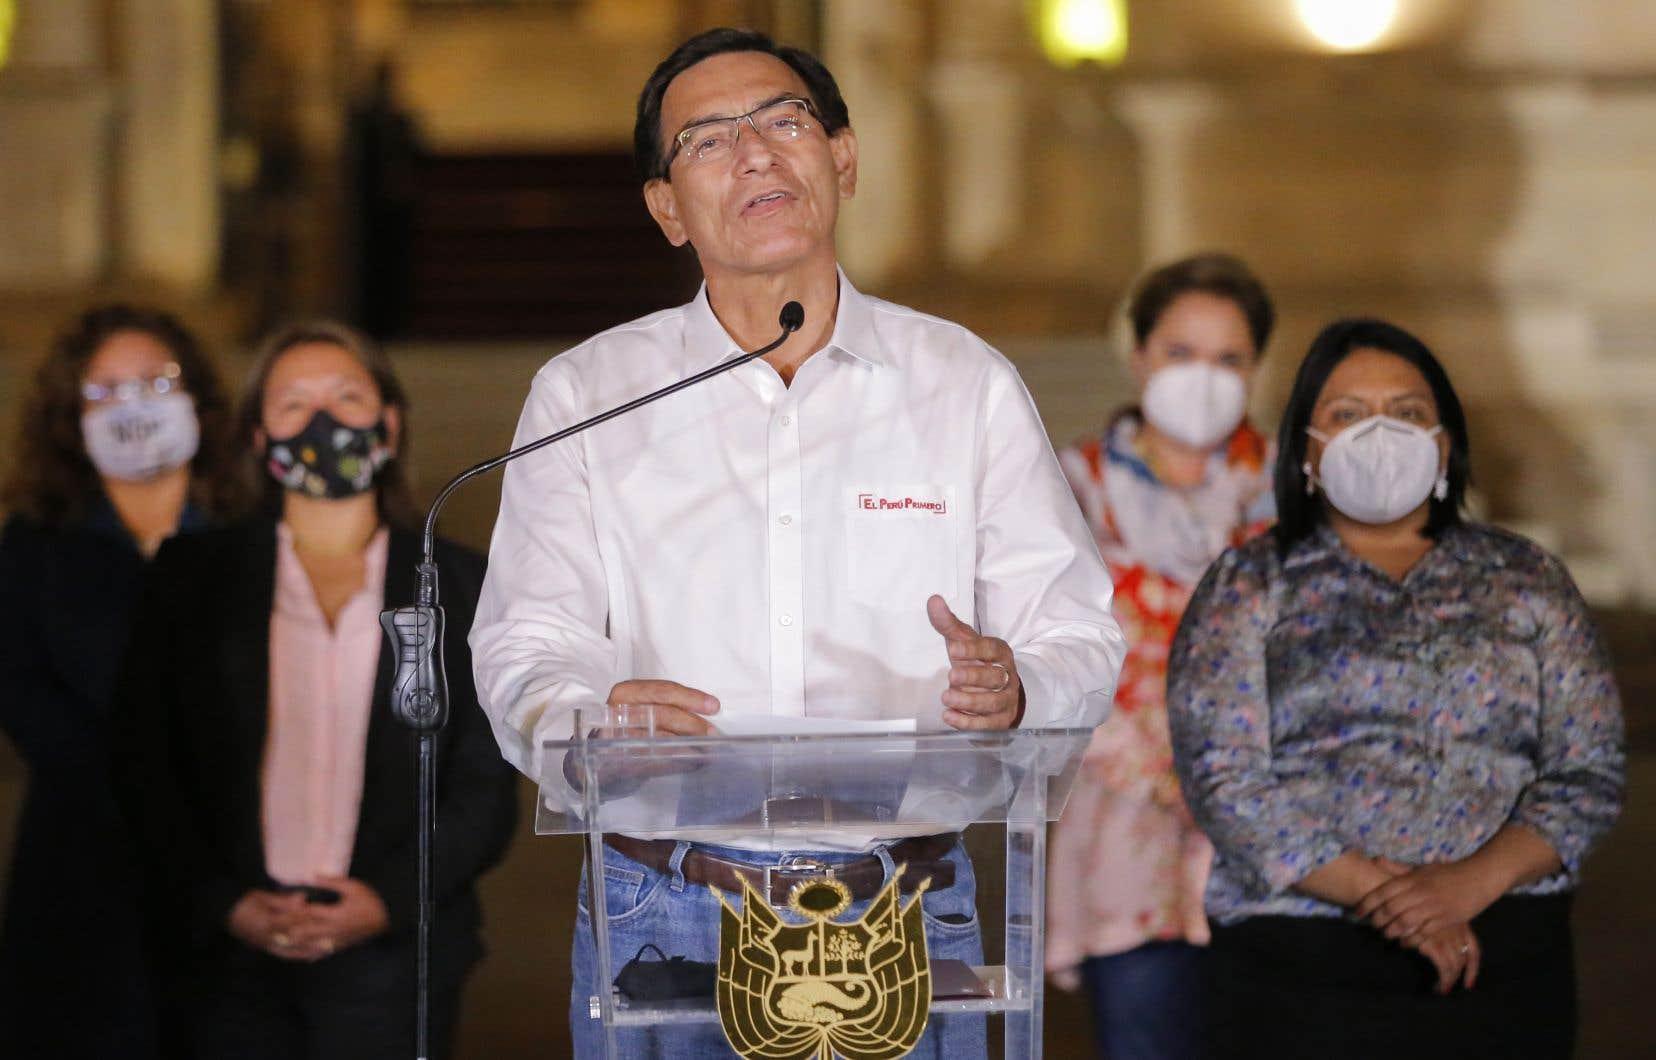 MartinVizcarra,désormais ex-présidentde la République, entouré de ses ministres lors de son discoursdans le jardin de palais.